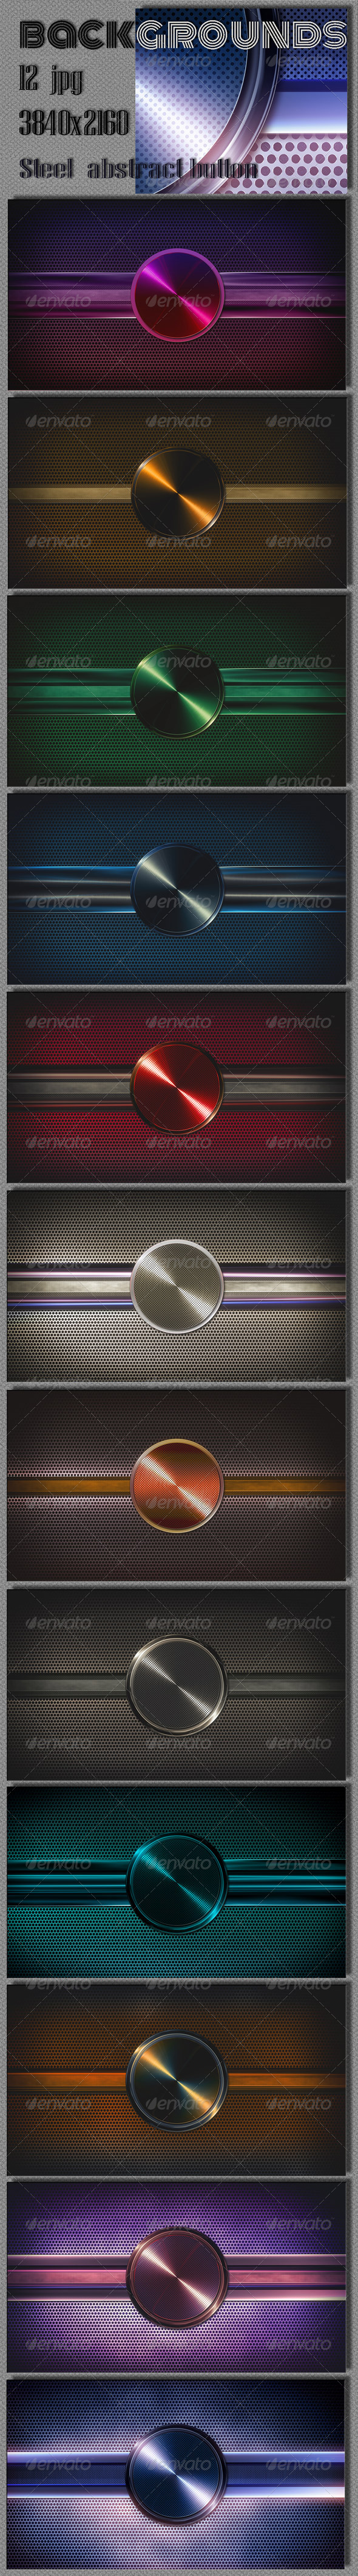 GraphicRiver Button Techno Steel Background 7675012